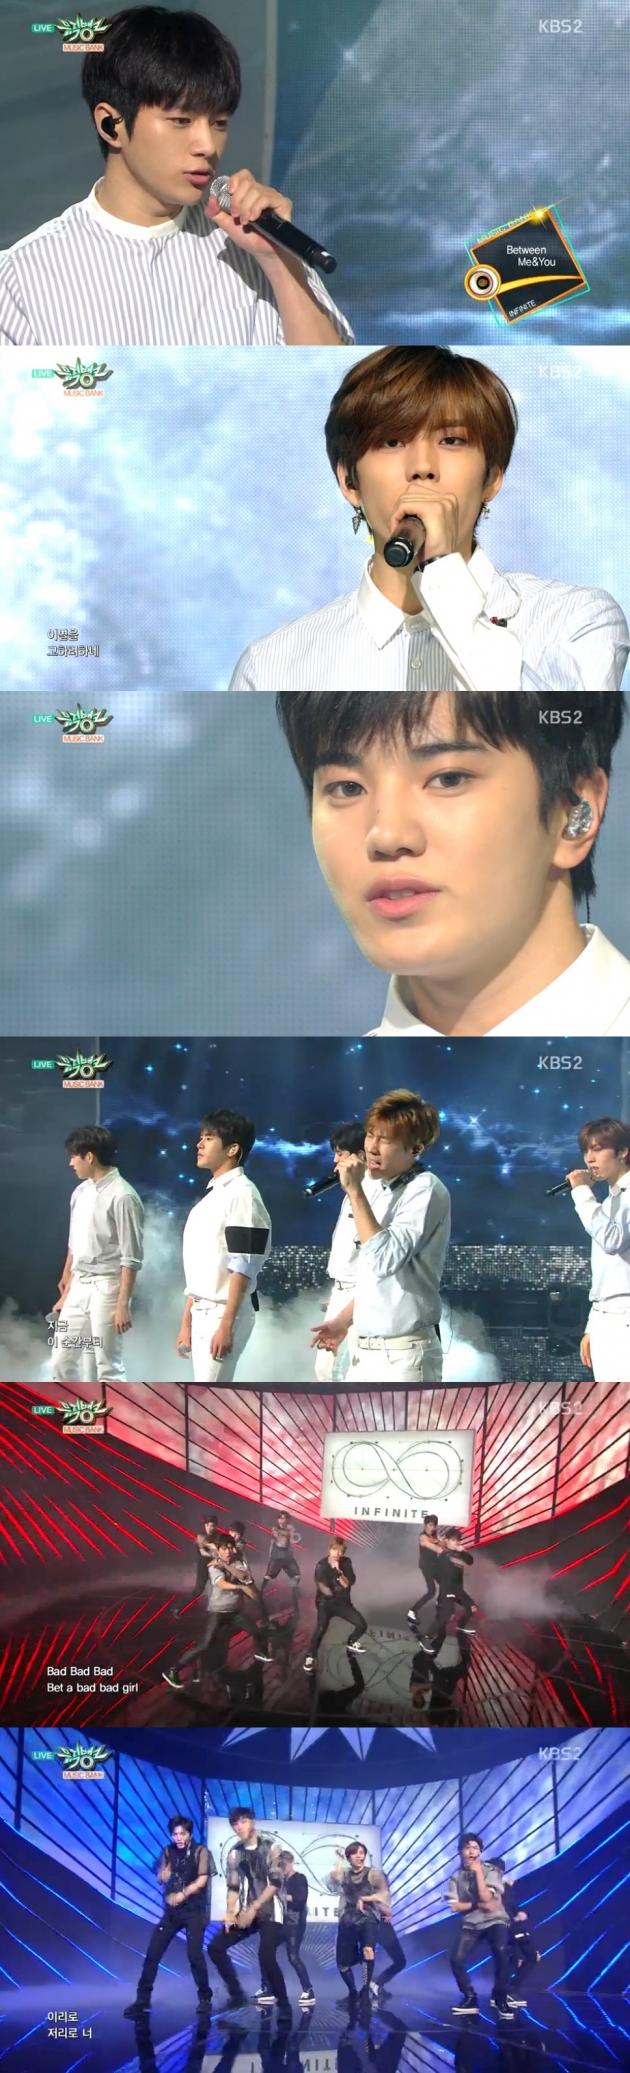 '뮤직뱅크' 인피니트 / '뮤직뱅크' 인피니트 사진=KBS2 방송 캡처